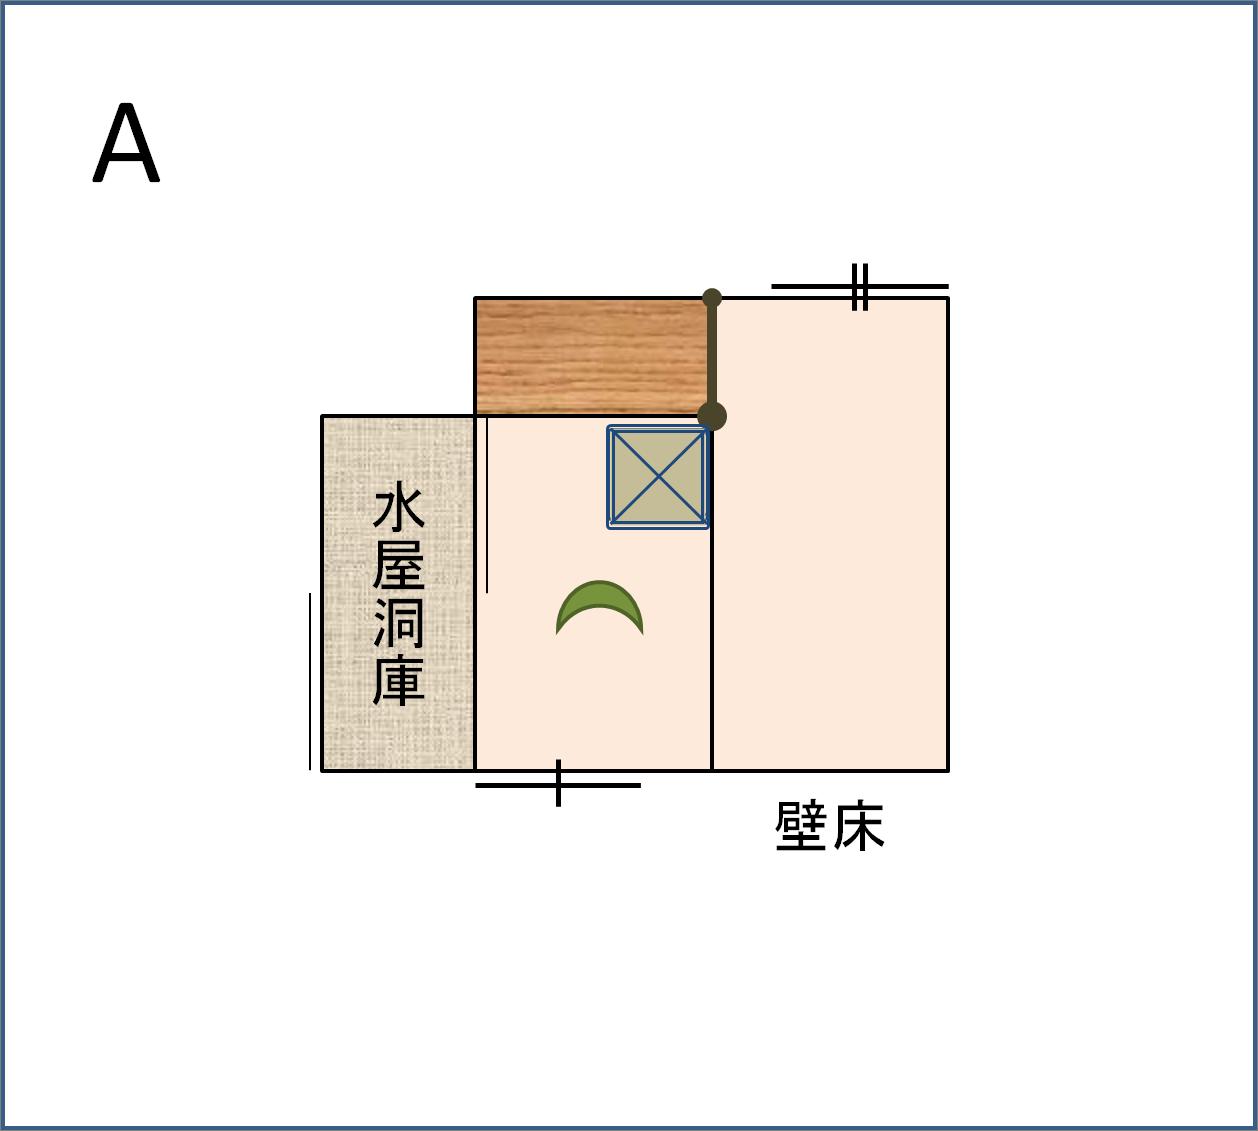 茶室さまざま(茶道文化検定の ... : と 書き順 : すべての講義